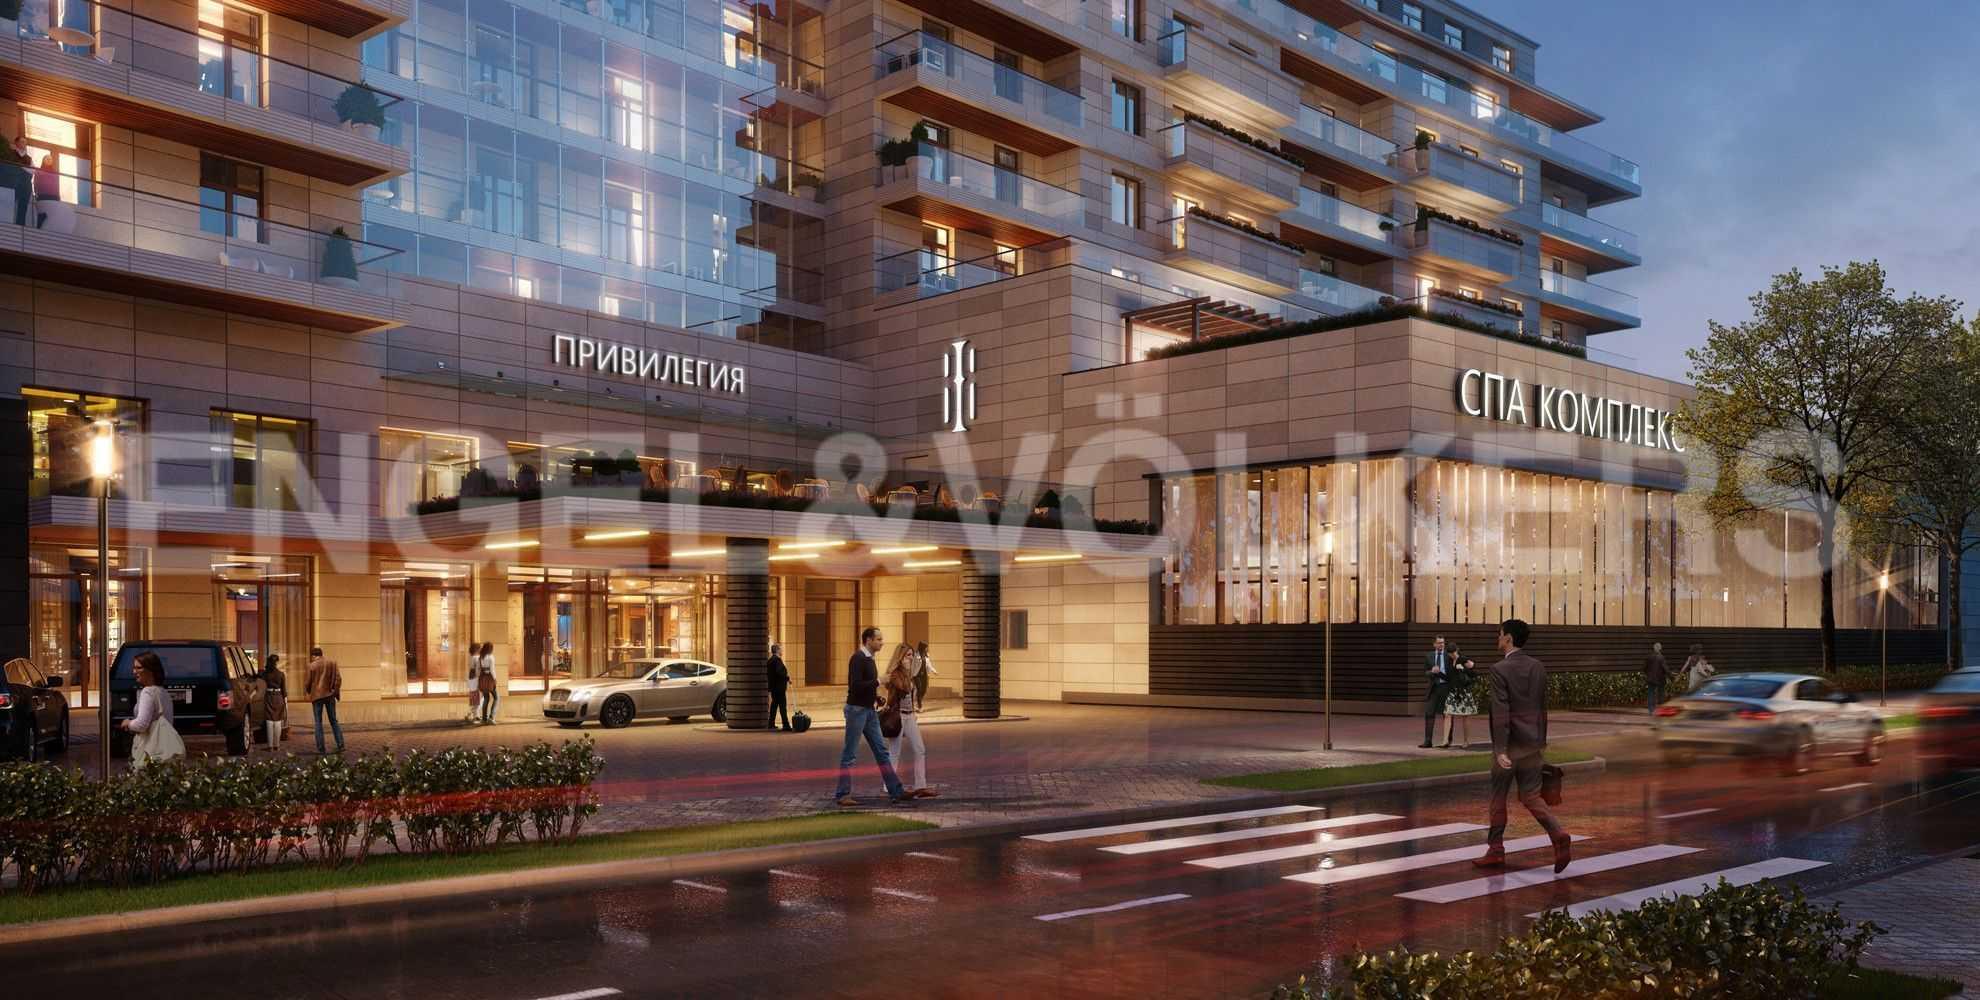 Элитные квартиры на . Санкт-Петербург, Вязовая, 8. Фасад комплекса в вечернее время